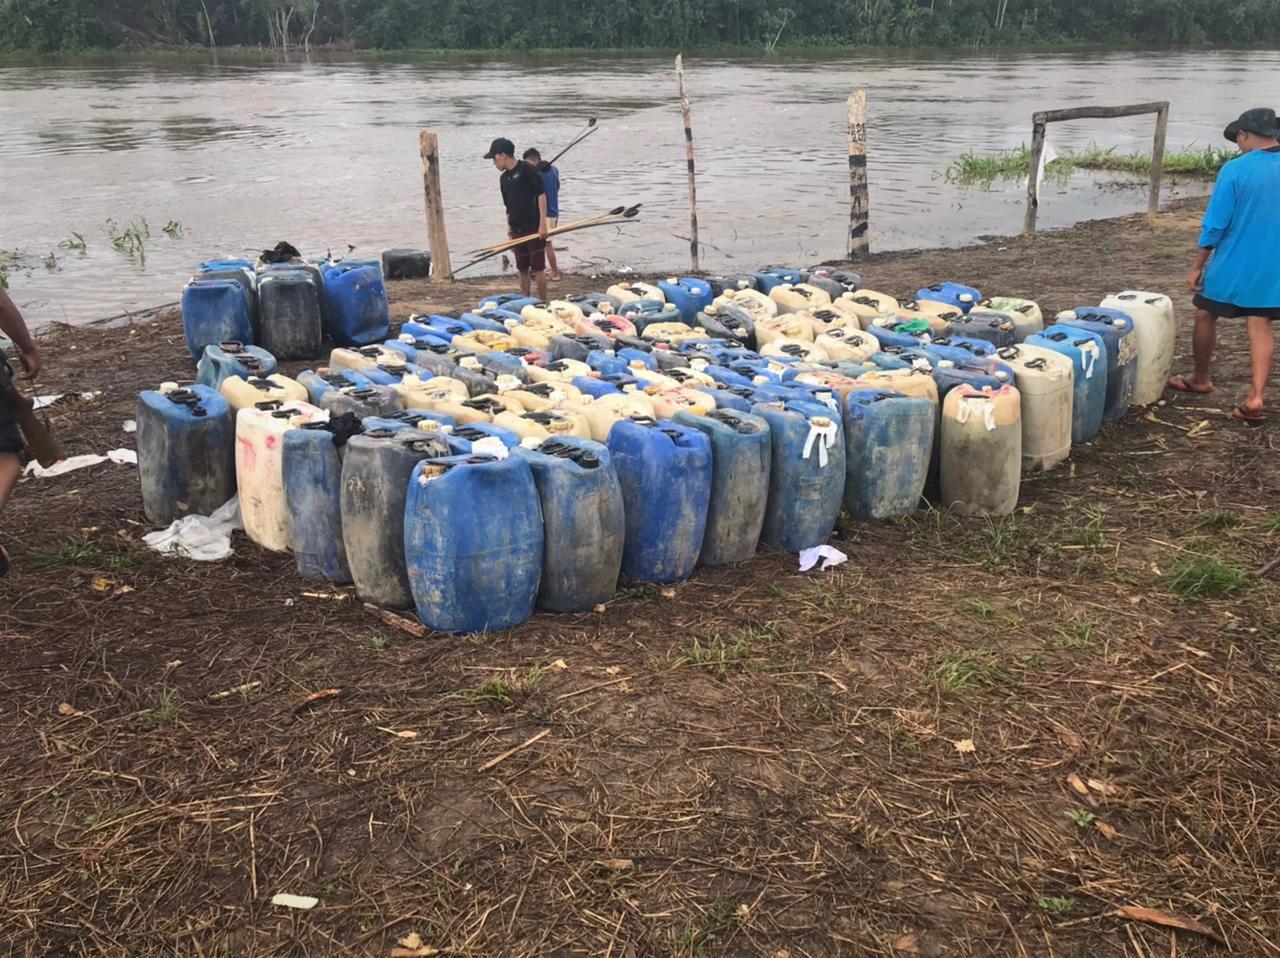 Galões de óleo dos garimpeiros encontrados na aldeia Palimiú: medo de novas invasões (Foto Condisi-Y)